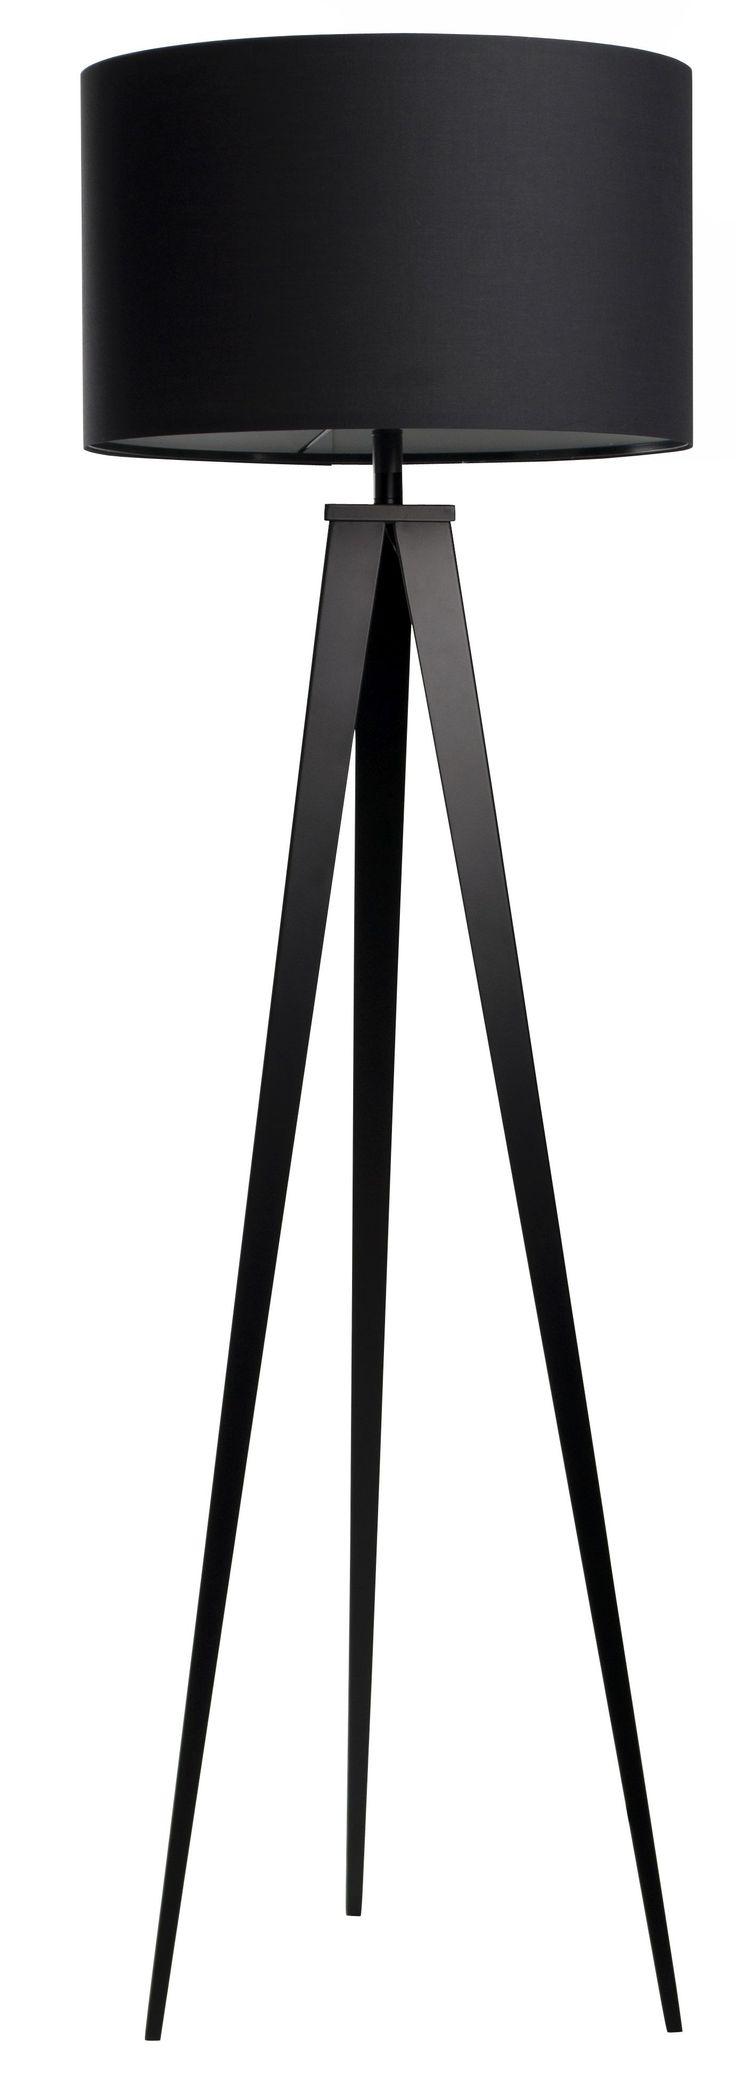 <p>De <strong>driepoot lamp</strong> is erg bekend en geschikt voor zowel thuis als op kantoren. De tripod vloerlamp past perfect in zowel moderne als retro interieurs en is een mooie eyecatcher. Met zijn hoogte van 158 cm kan deze vloerlamp een mooi en opvallend element zijn in je huis. De lampenkap zelf heeft een doorsnee van 50 cm en is 30 cm hoog. Het frame van de driepoot is gemaakt van metaal, netjes afgelakt natuurlijk.</p> <p>Onze <em>drie...